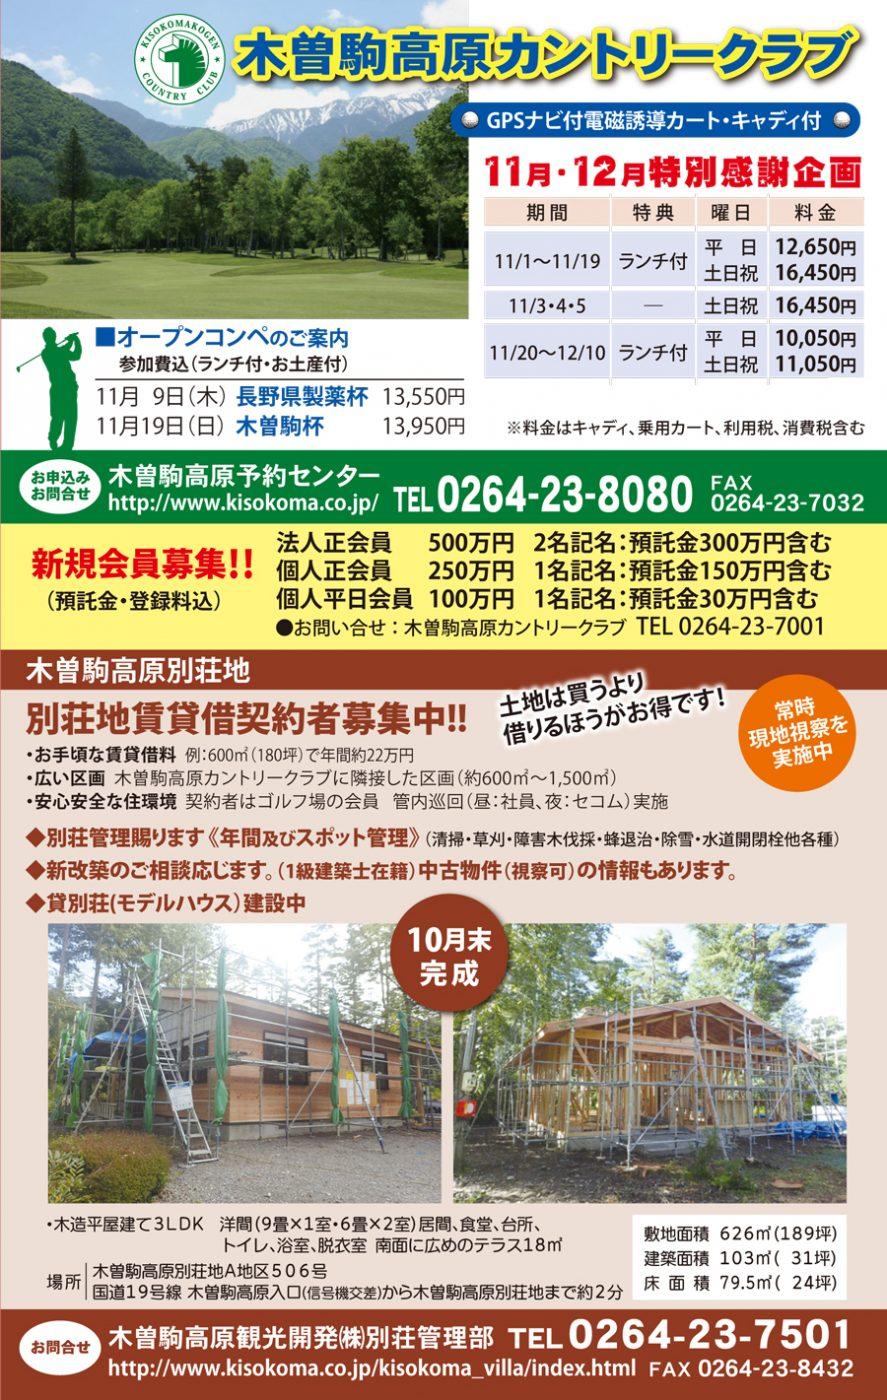 木曽駒高原カントリークラブ